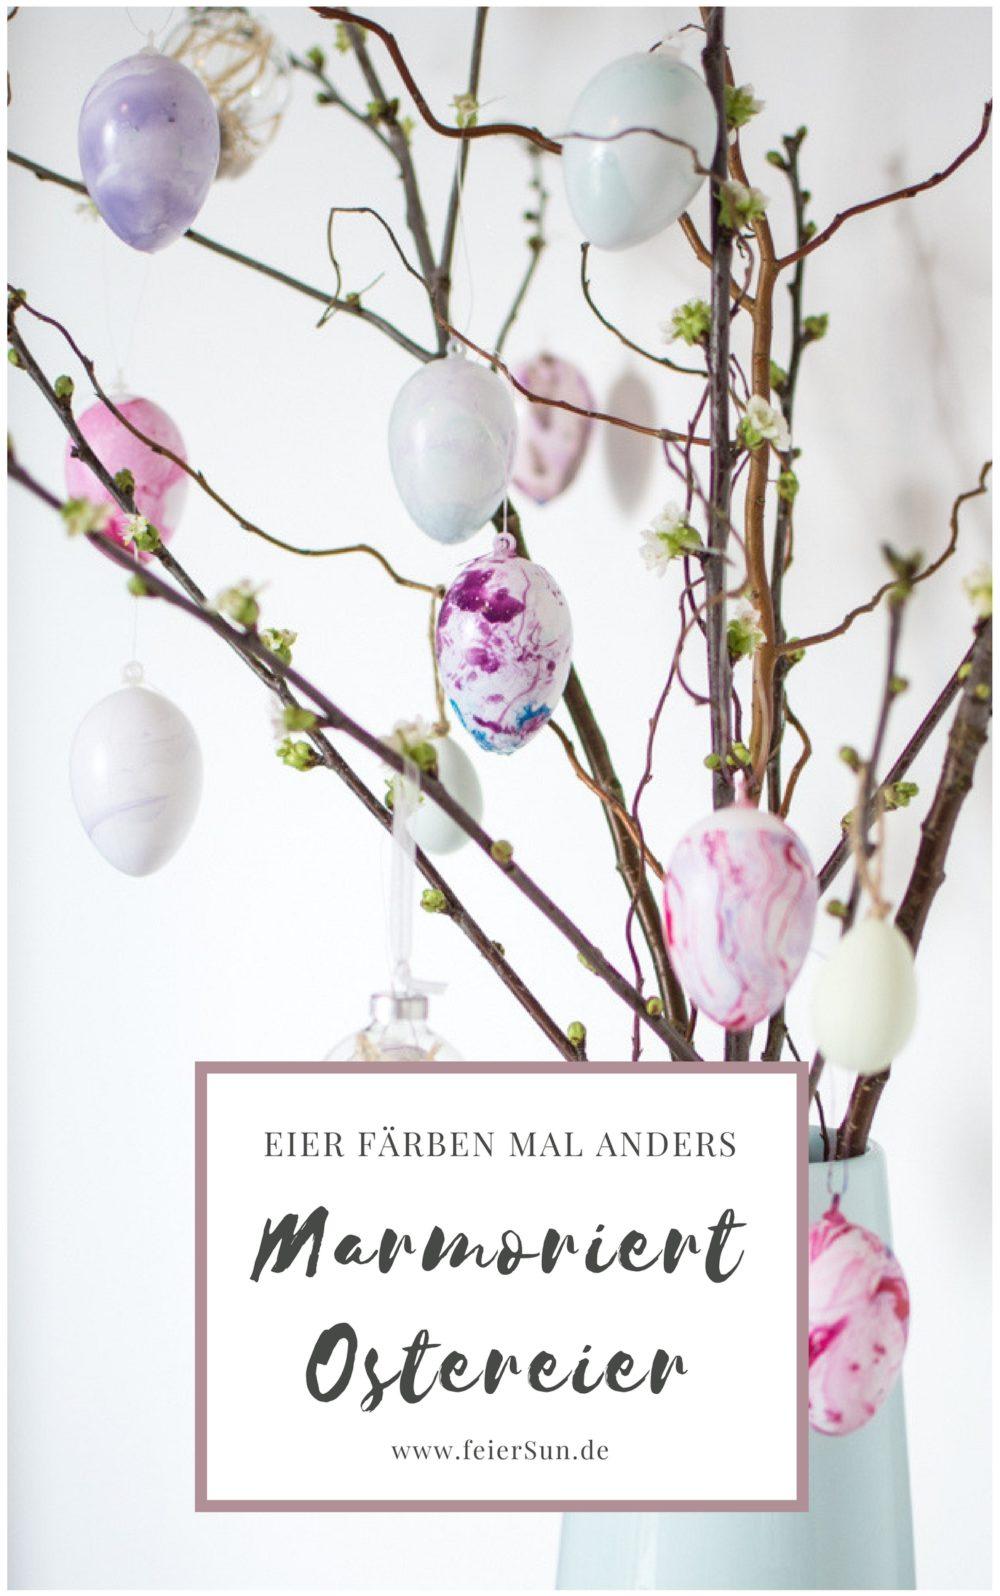 Der Oster - Trend 2018 | Ostereier färben mal anders: Mein DIY marmorierte Ostereier mit Nagellack ganz einfach selber machen und jedes Osterei ist ein Unikat. Haltbare Ostereier für jeden Geschmack. #feierSun #feierSunDIY #Ostereier #Ostern #selbermachen #Osterbasteln #DiY #bASTELNMITKINDERN